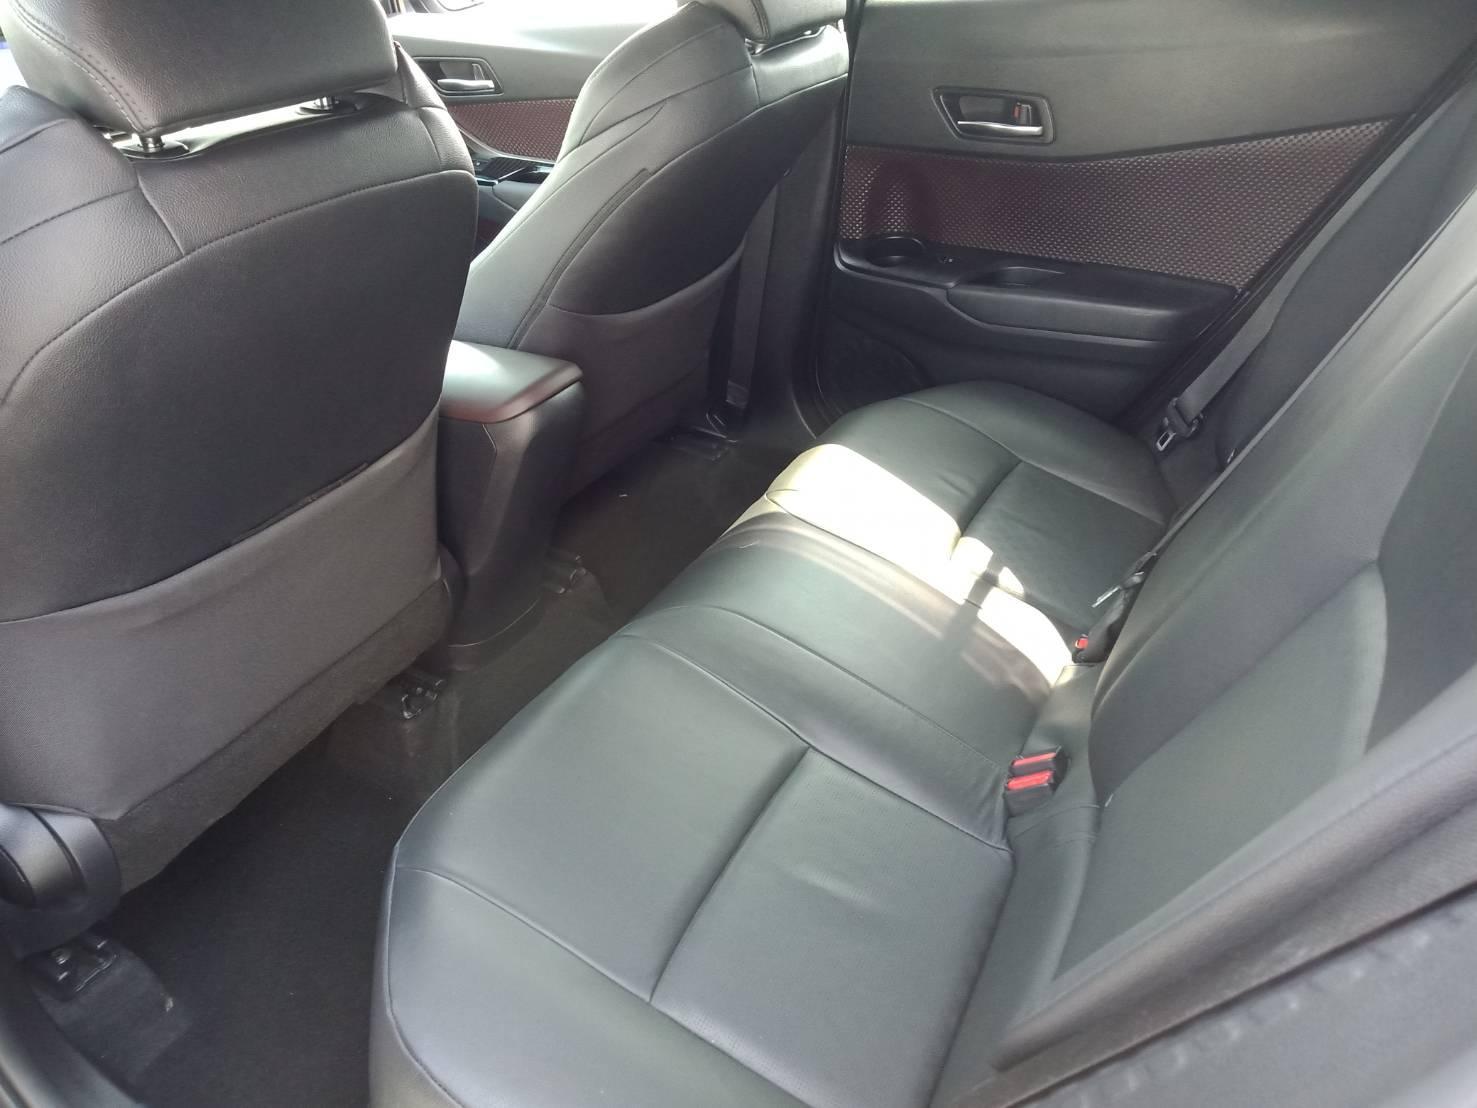 2017年 CHR  灰 1.5 熱門車中古車二手車